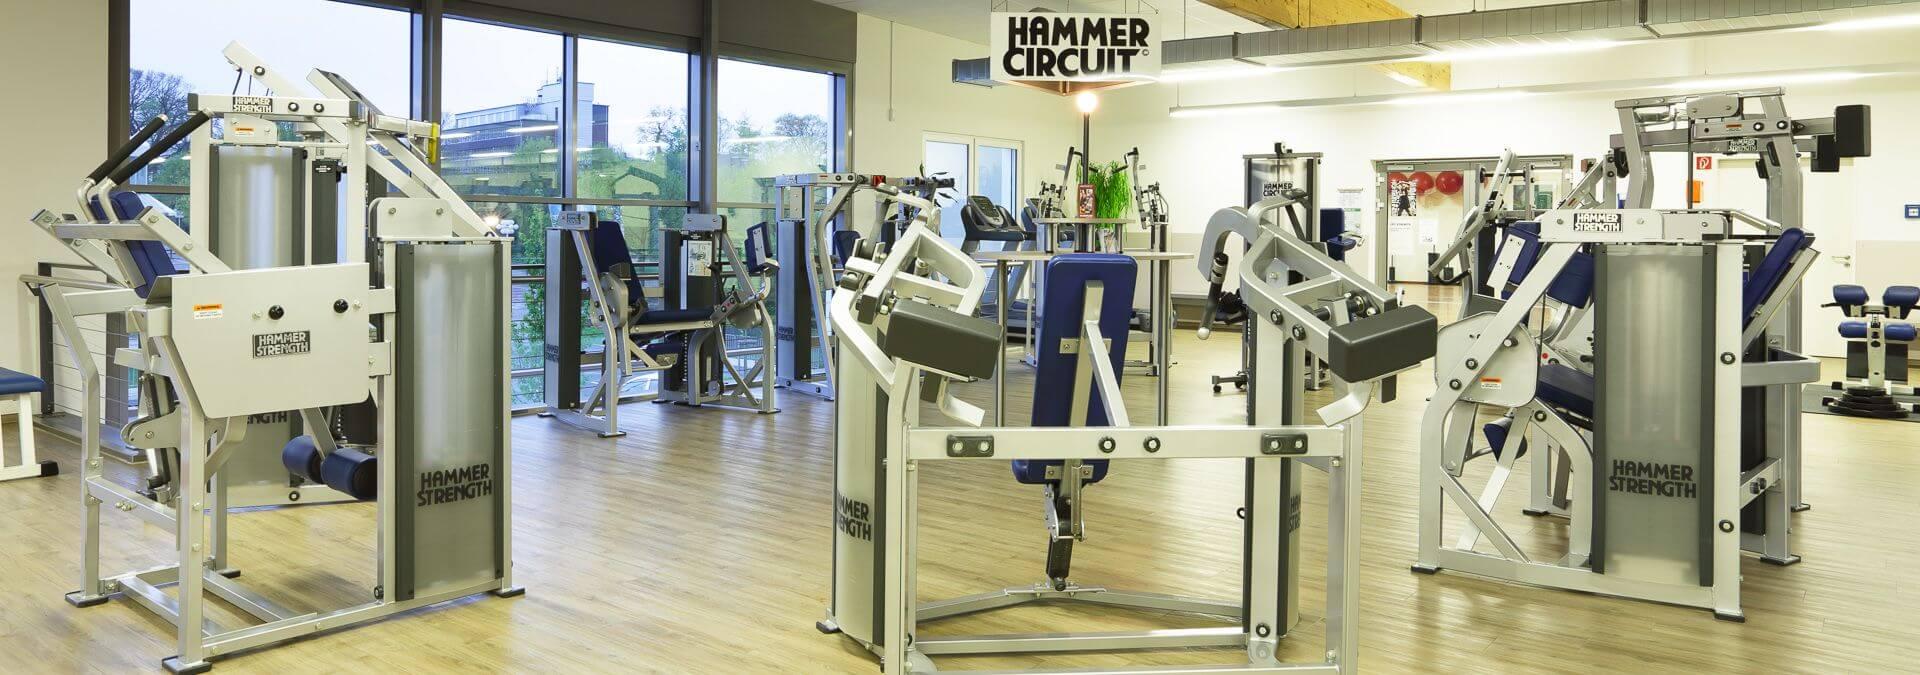 Hammer_1_MG_0474